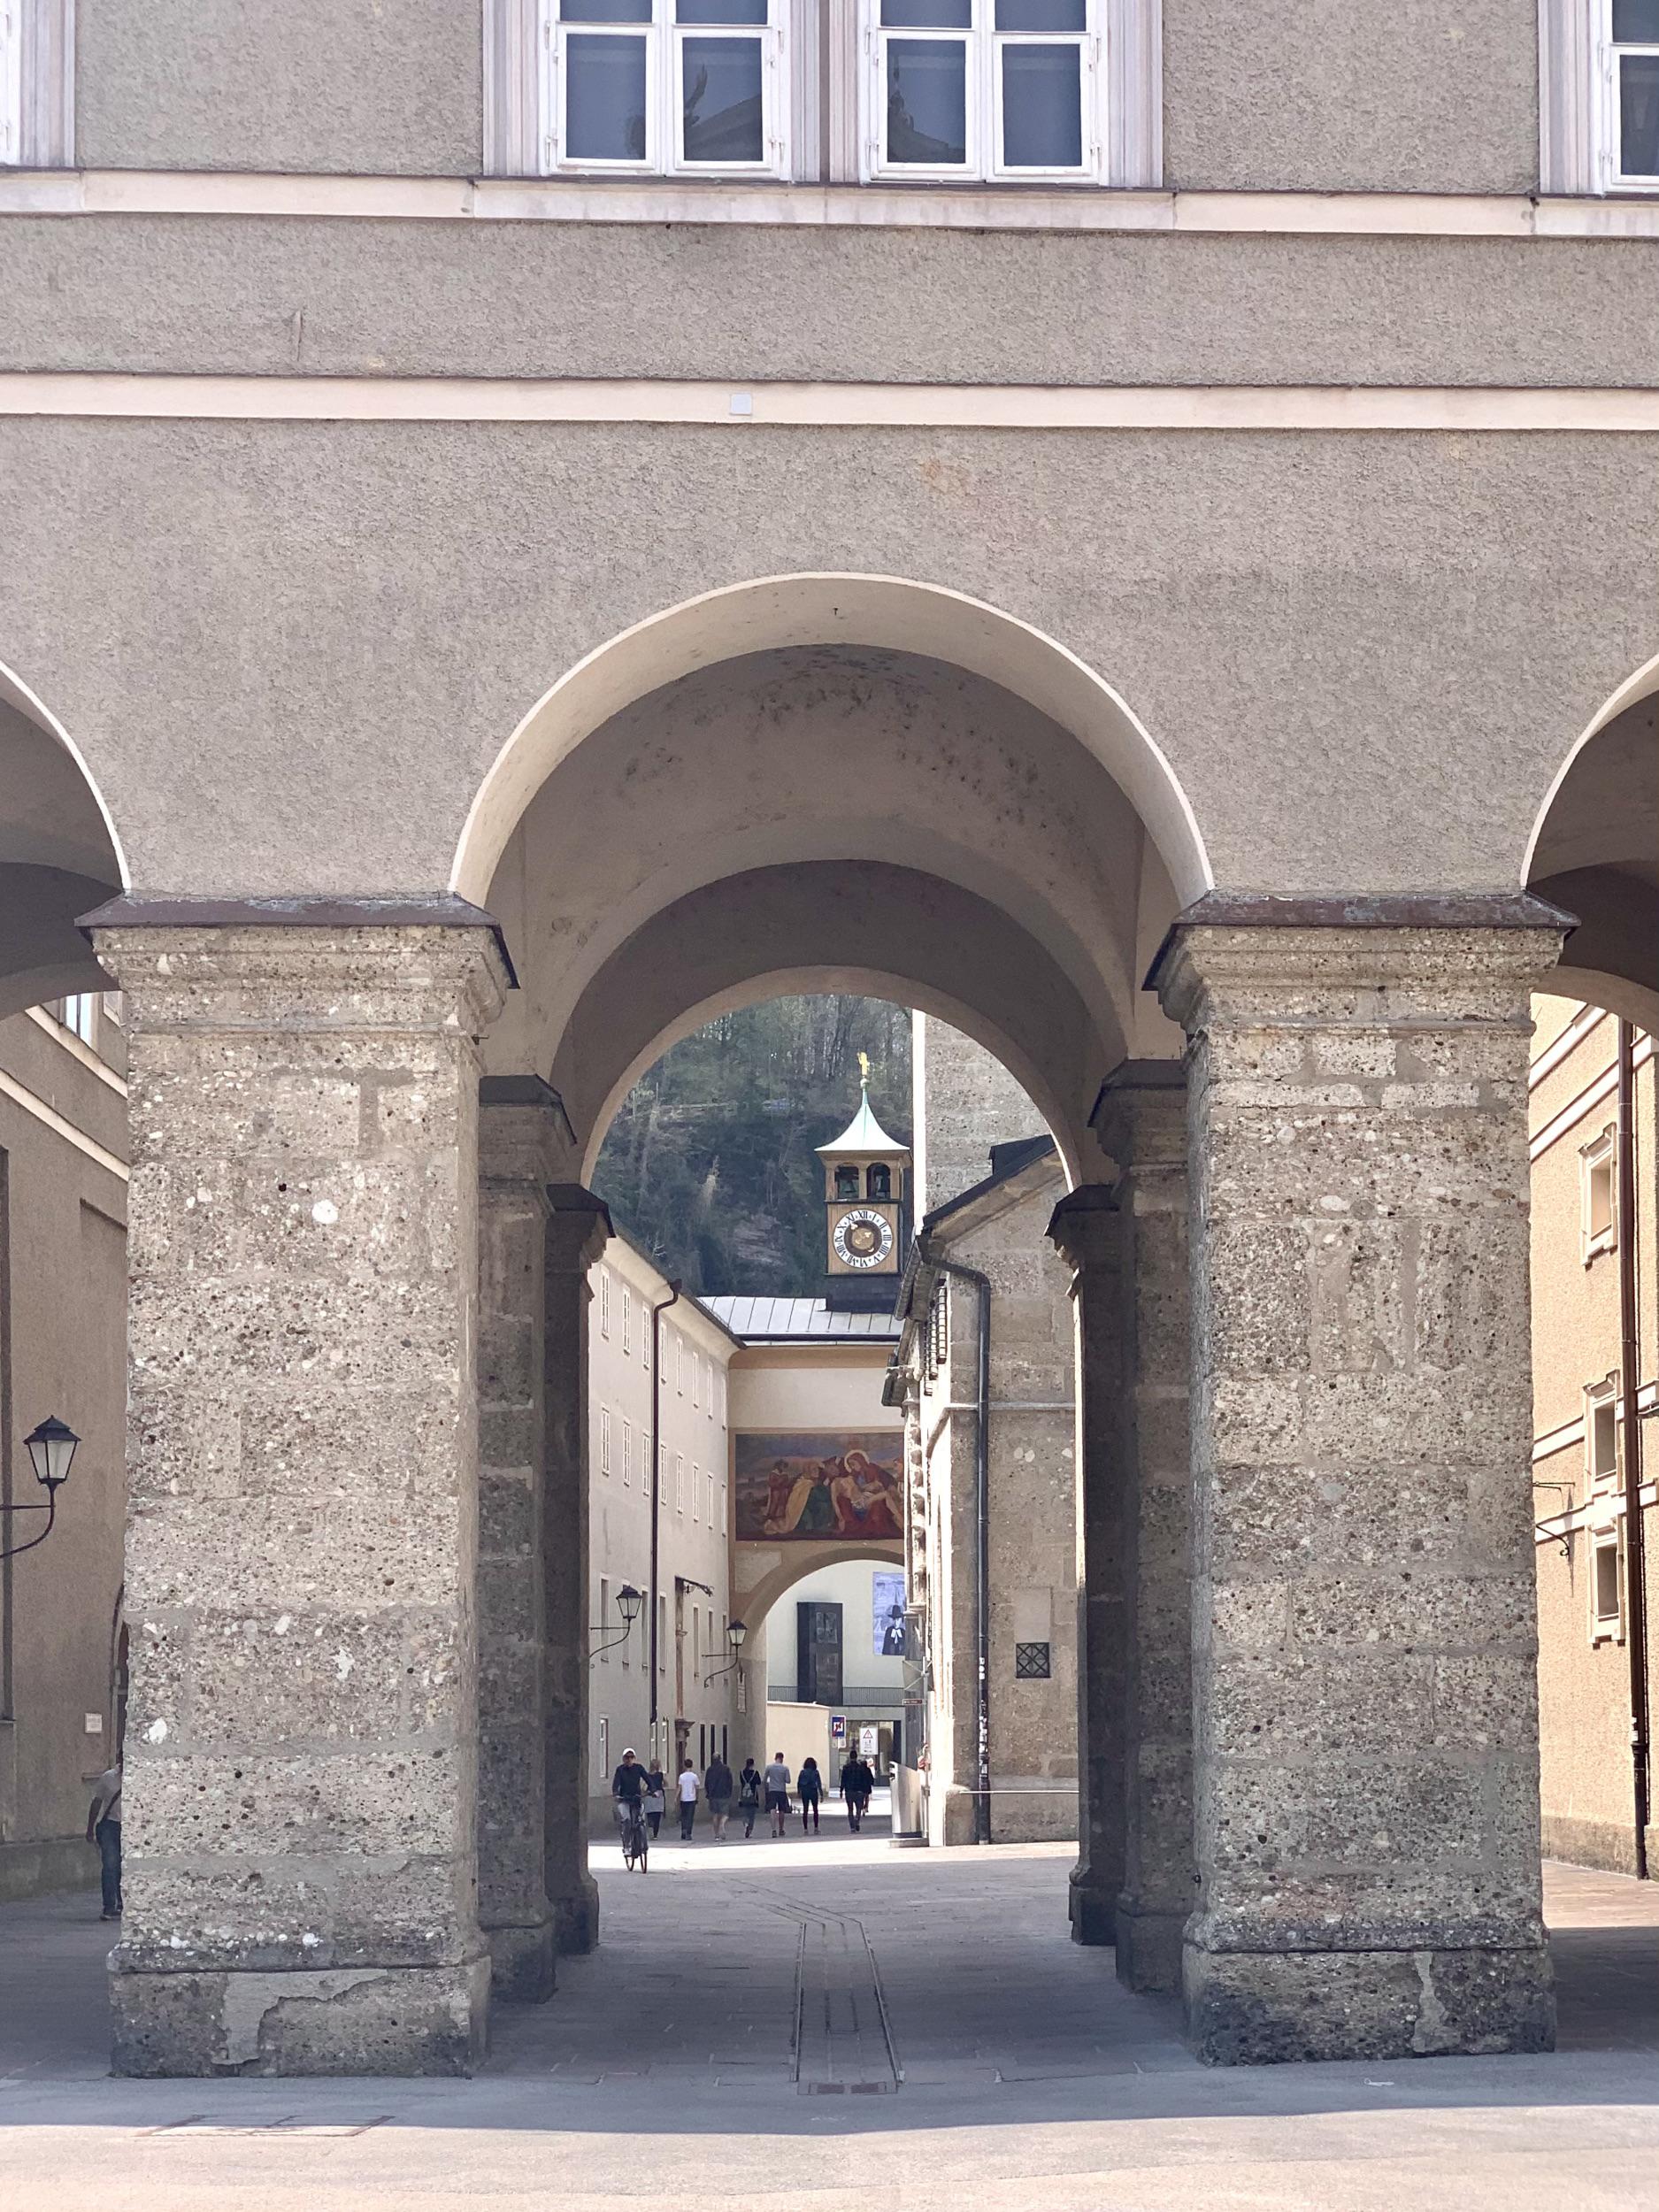 Court Arch Building